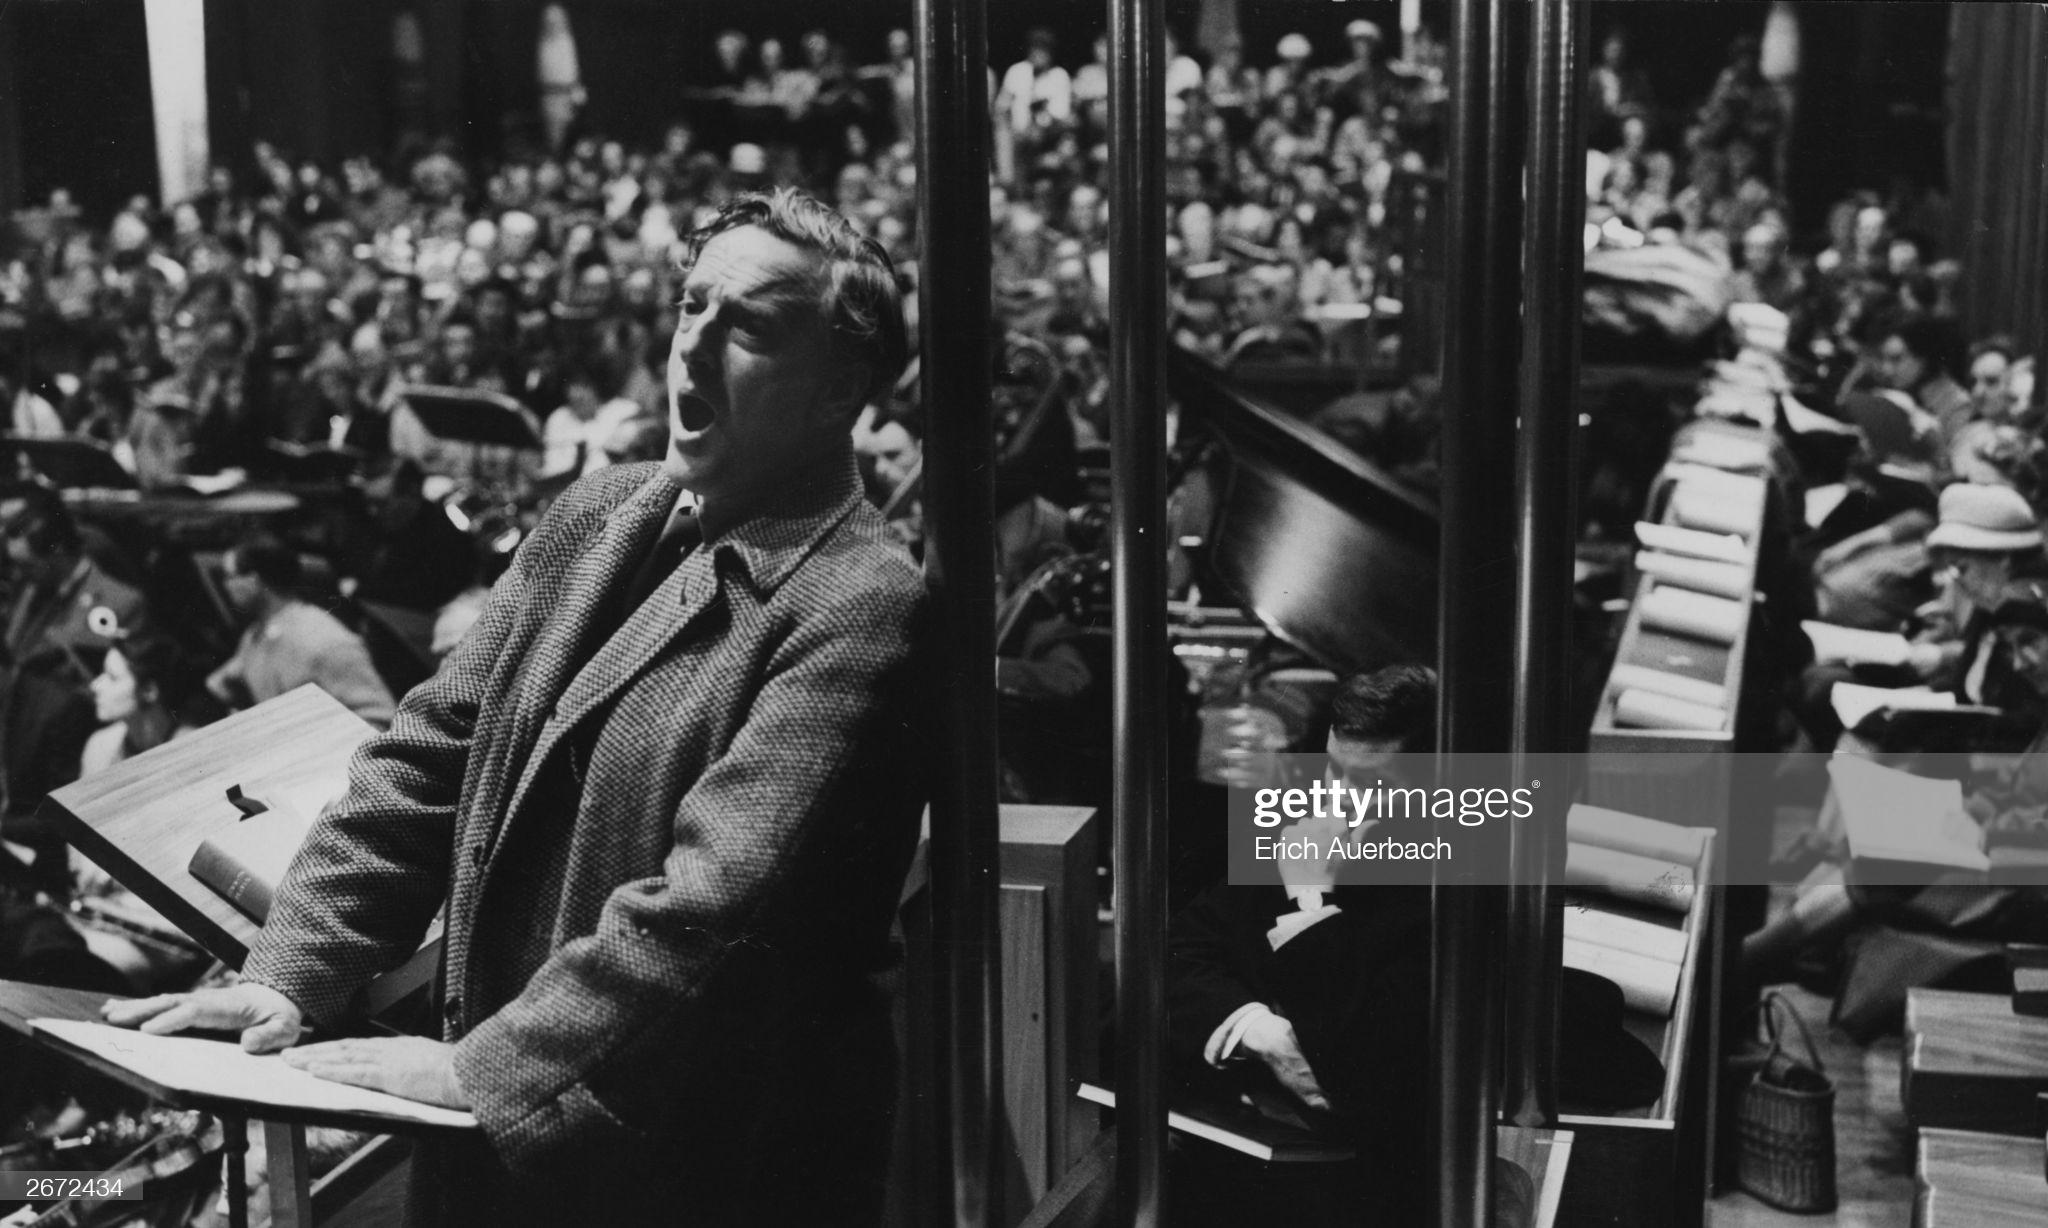 Питер Пирс на репетиции Военного реквиема. 1962 год © Photo by Erich Auerbach/Hulton Archive/Getty Images